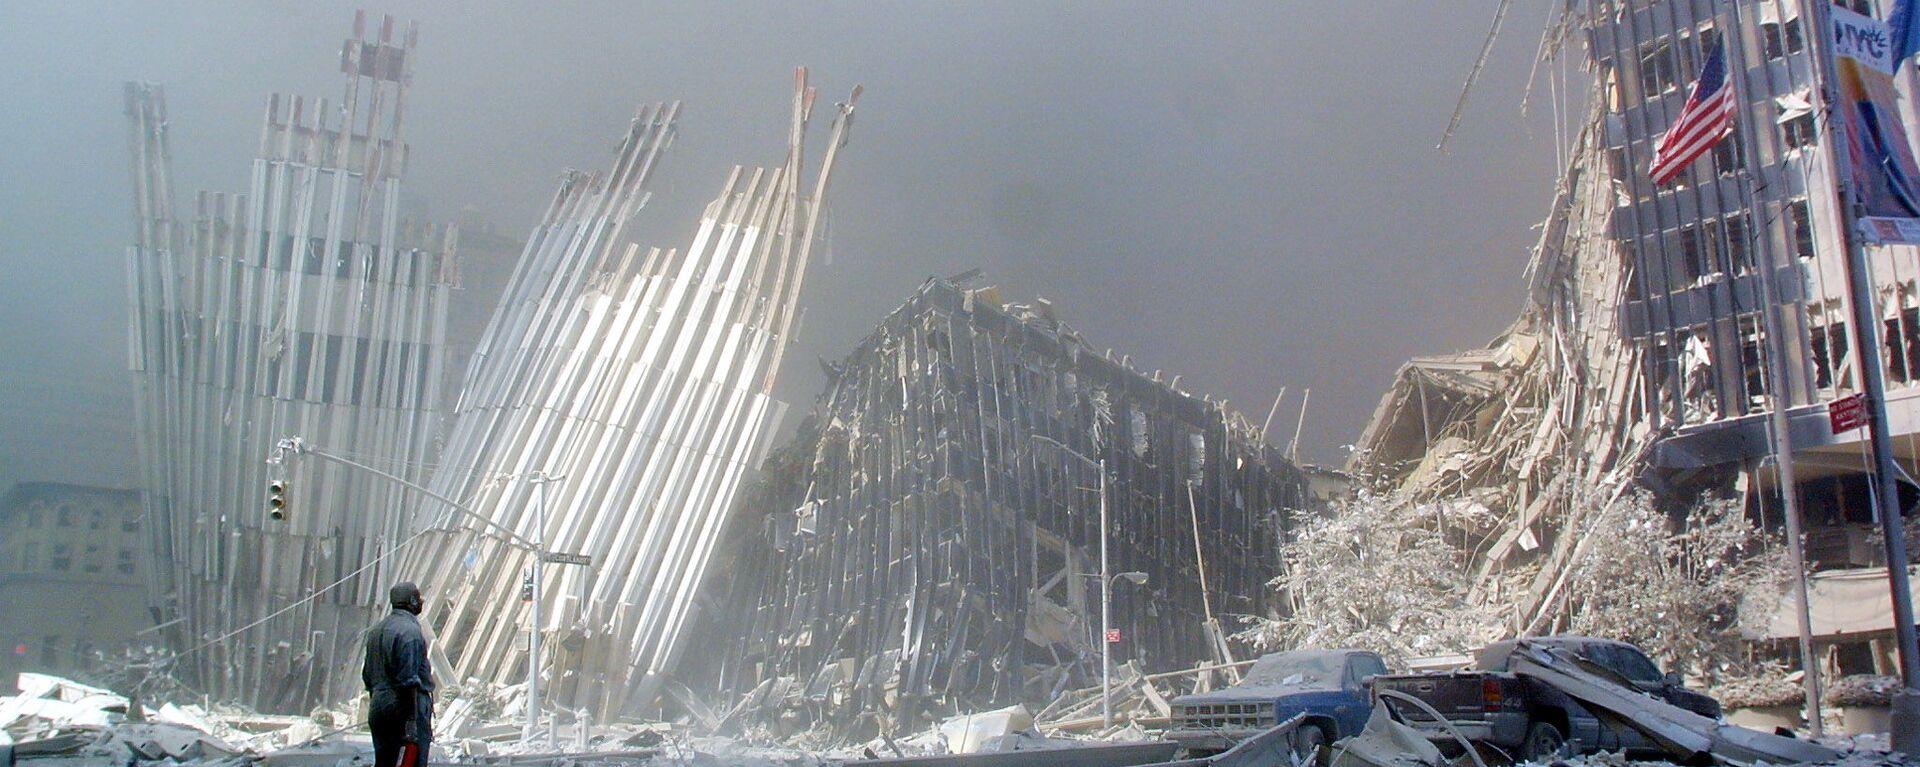 Человек на руинах после крушения первой башни Всемирного торгового центра 11 сентября 2001 года в Нью-Йорке. - Sputnik Česká republika, 1920, 11.09.2021